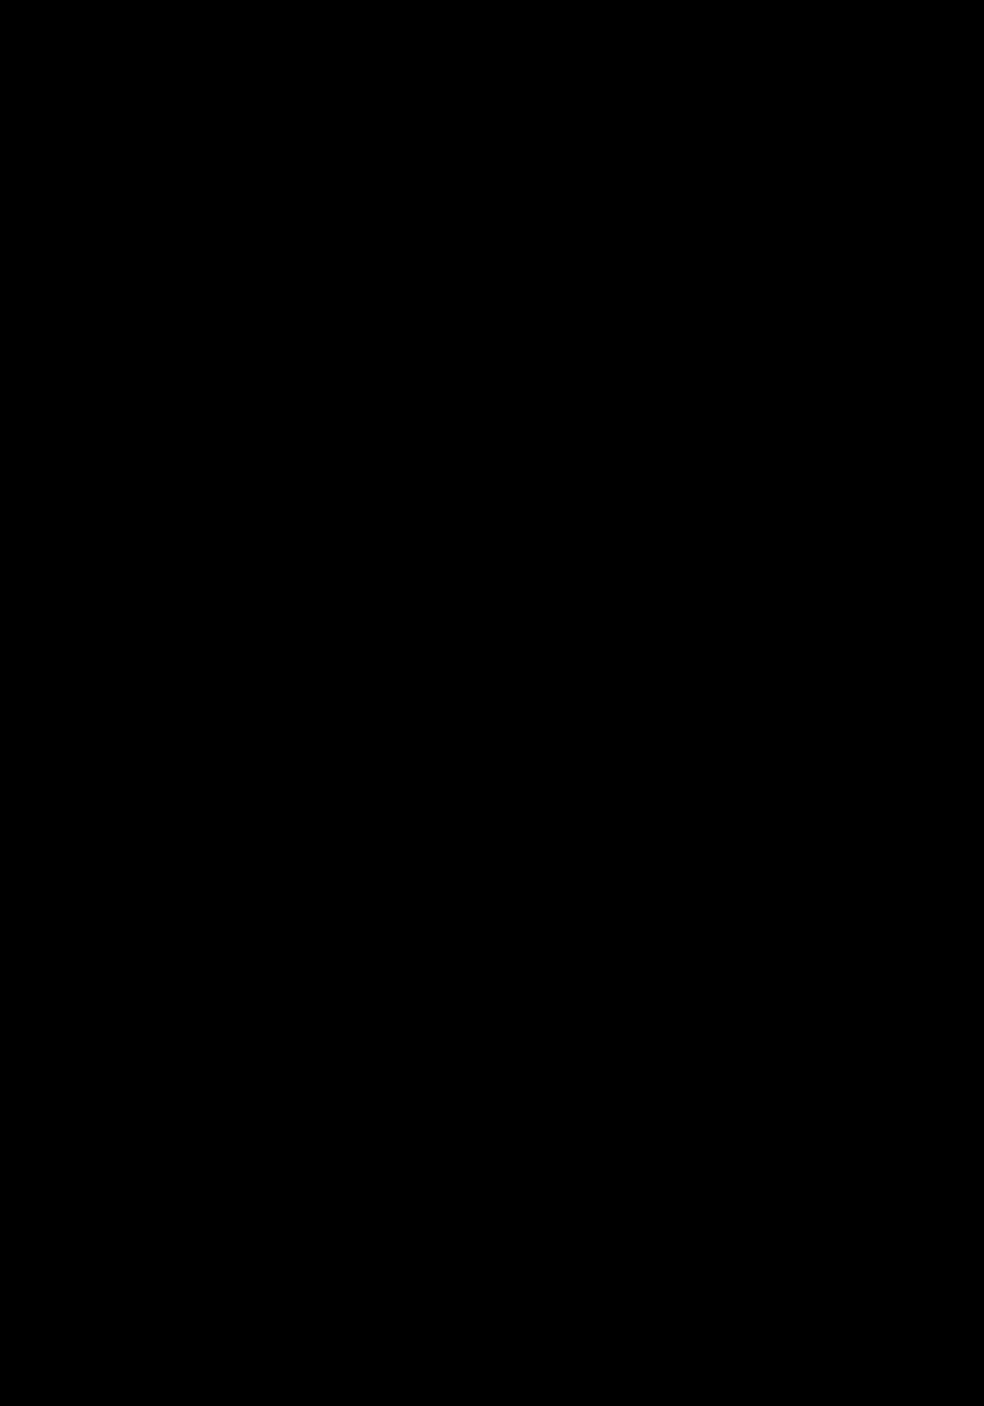 アンチック(中見出し幼児用かな) KF-E 縦組見本